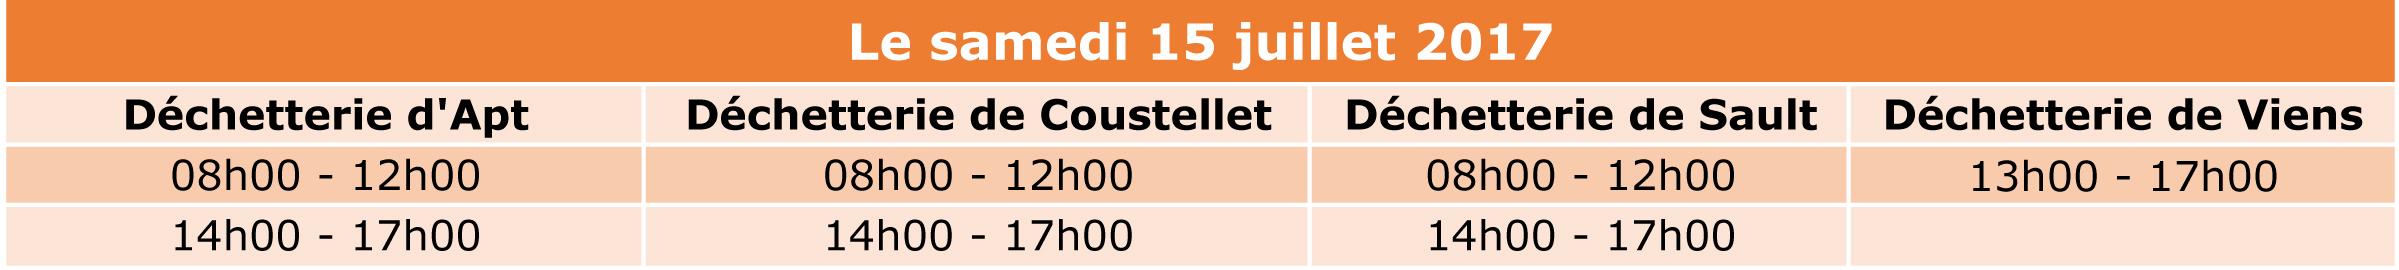 Fermeture des déchetteries le 14 juillet